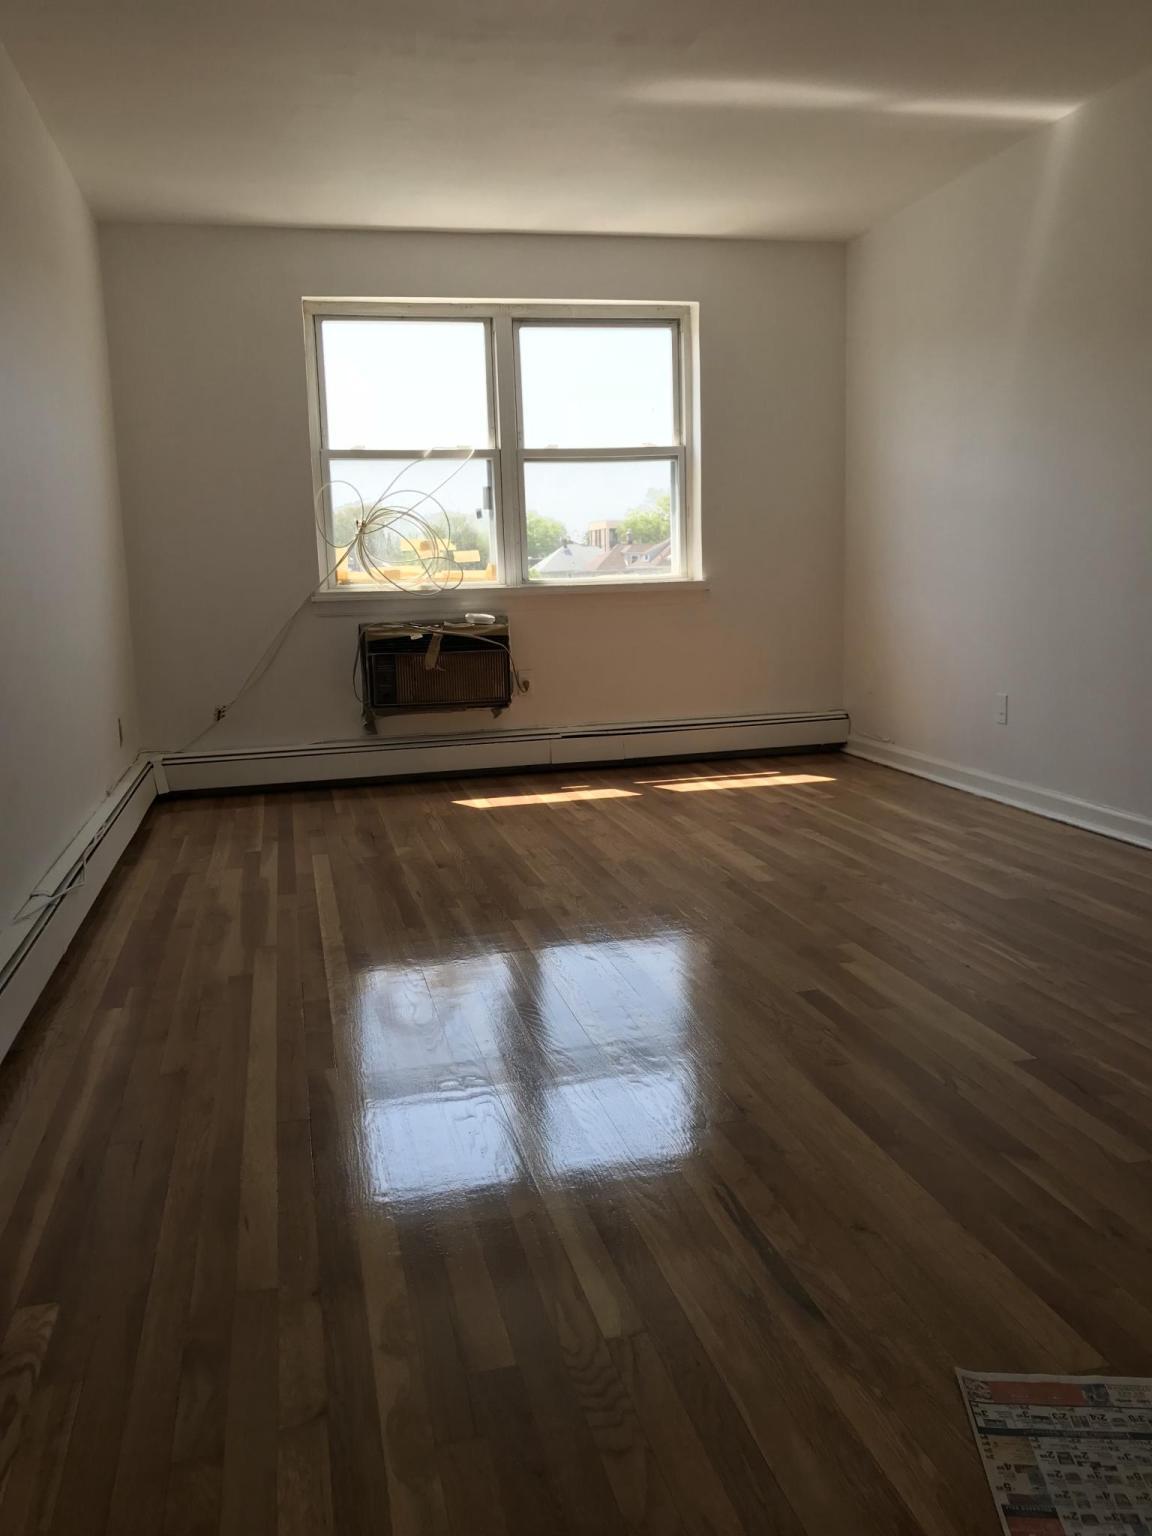 150 Harrison Ave #3B, Mineola, NY 11501 For Rent | Trulia